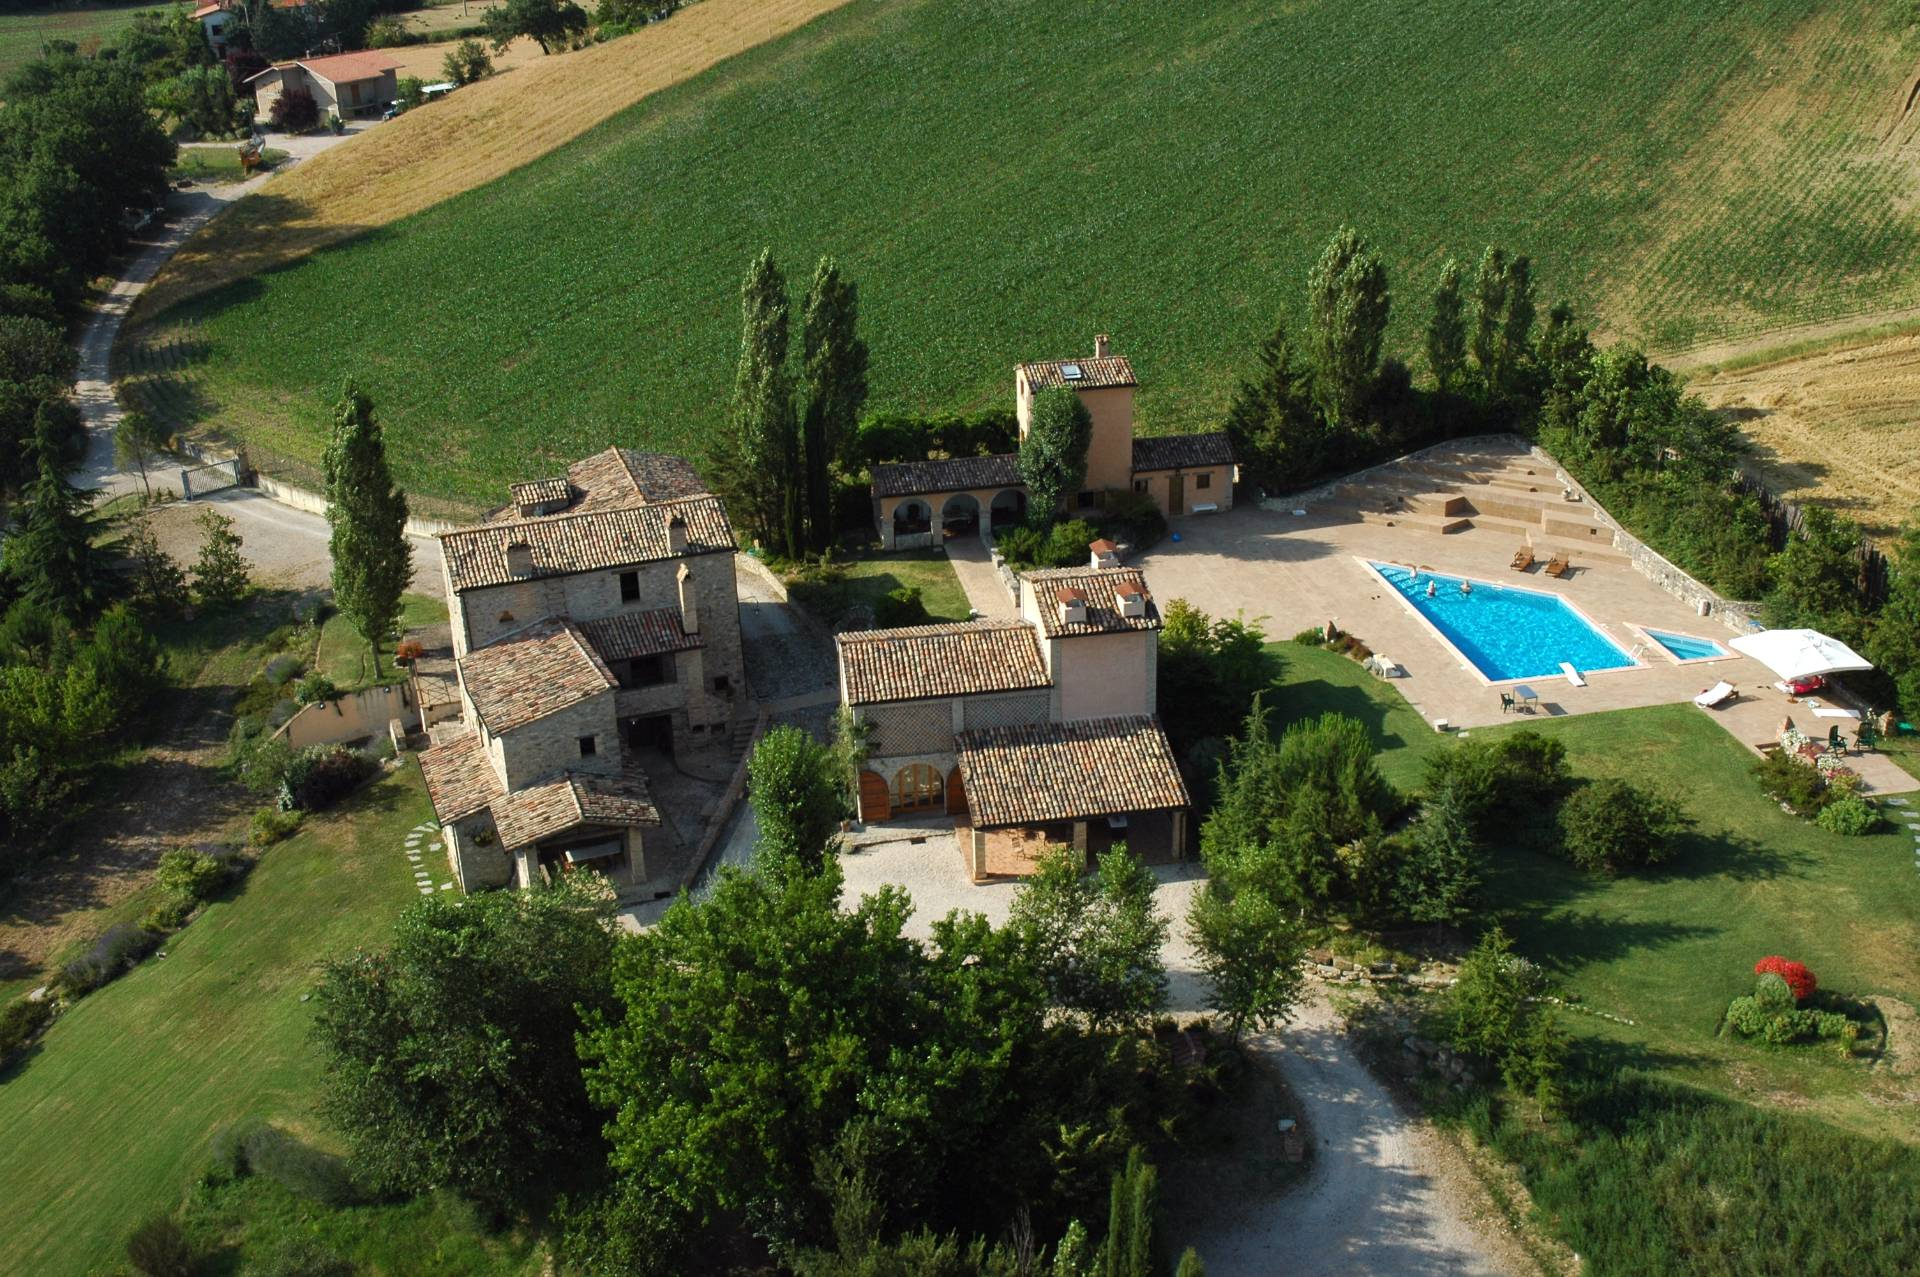 Rustico in Vendita a Montone: 5 locali, 700 mq - Foto 8